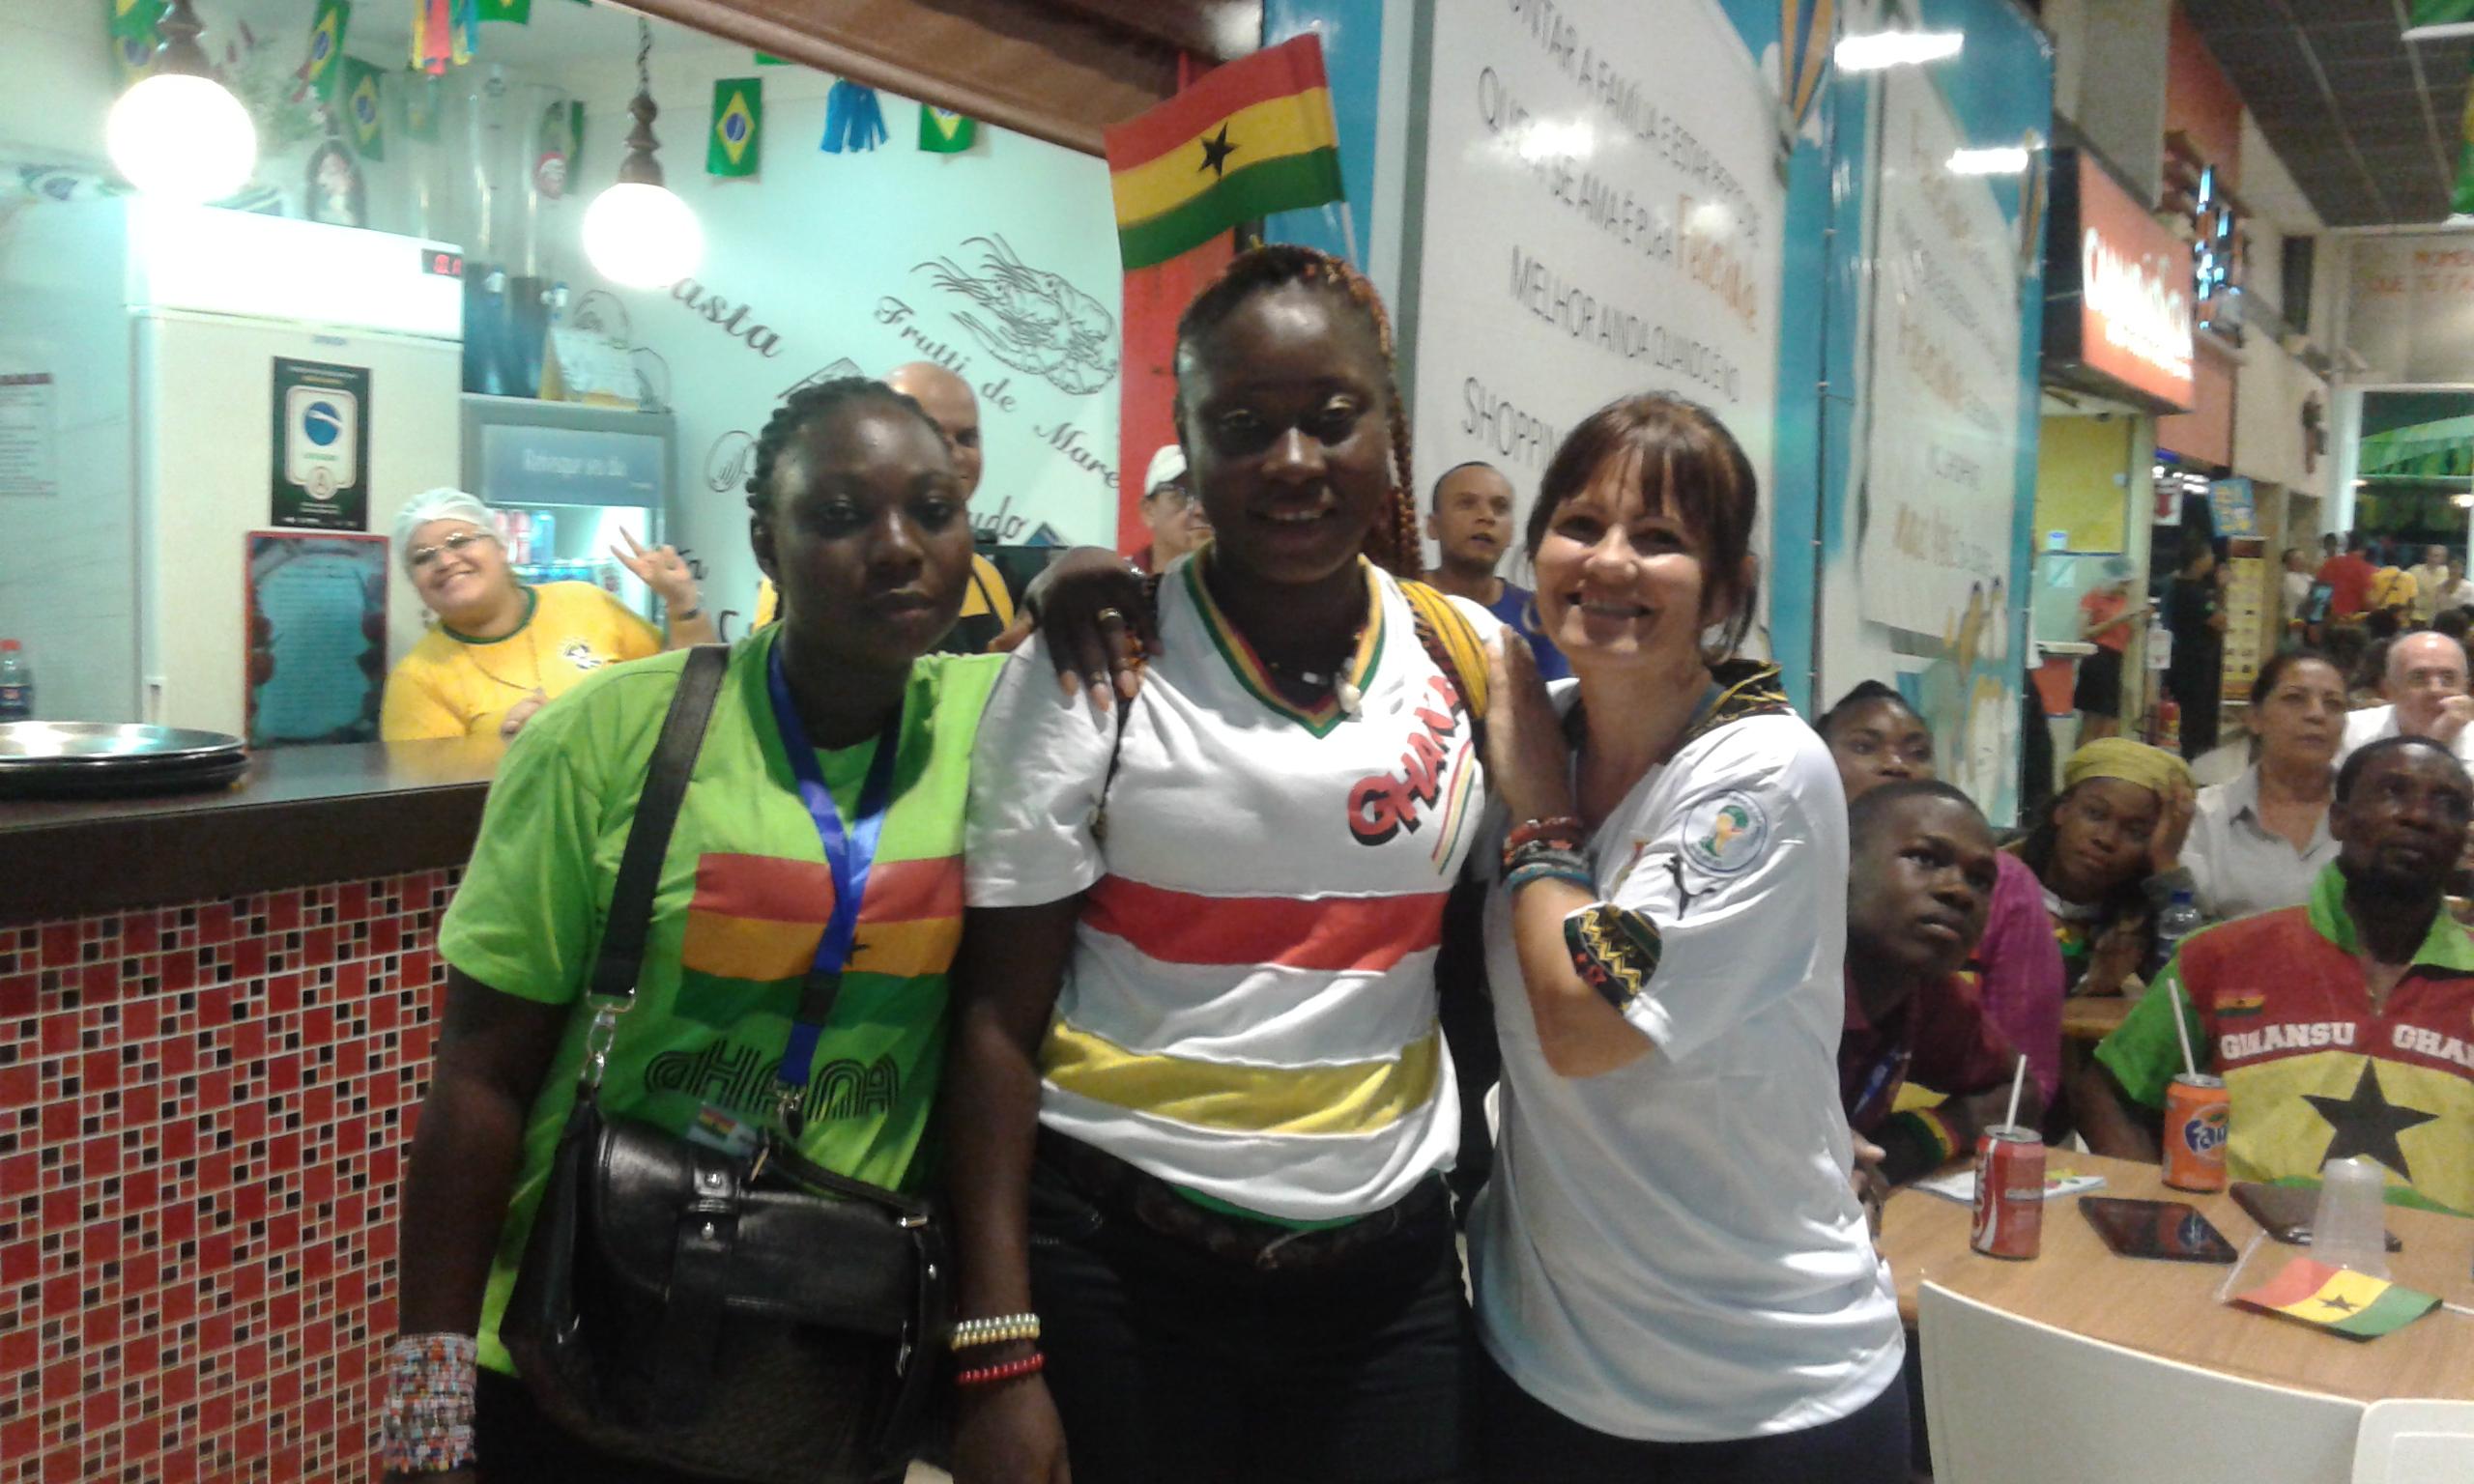 L'une supportrice brésilienne avec les deux autres supportrices ghanéennes après le match de foot Ghana - Allemand (2-2) à Natal. (Crédit photo: Fabio Santana).